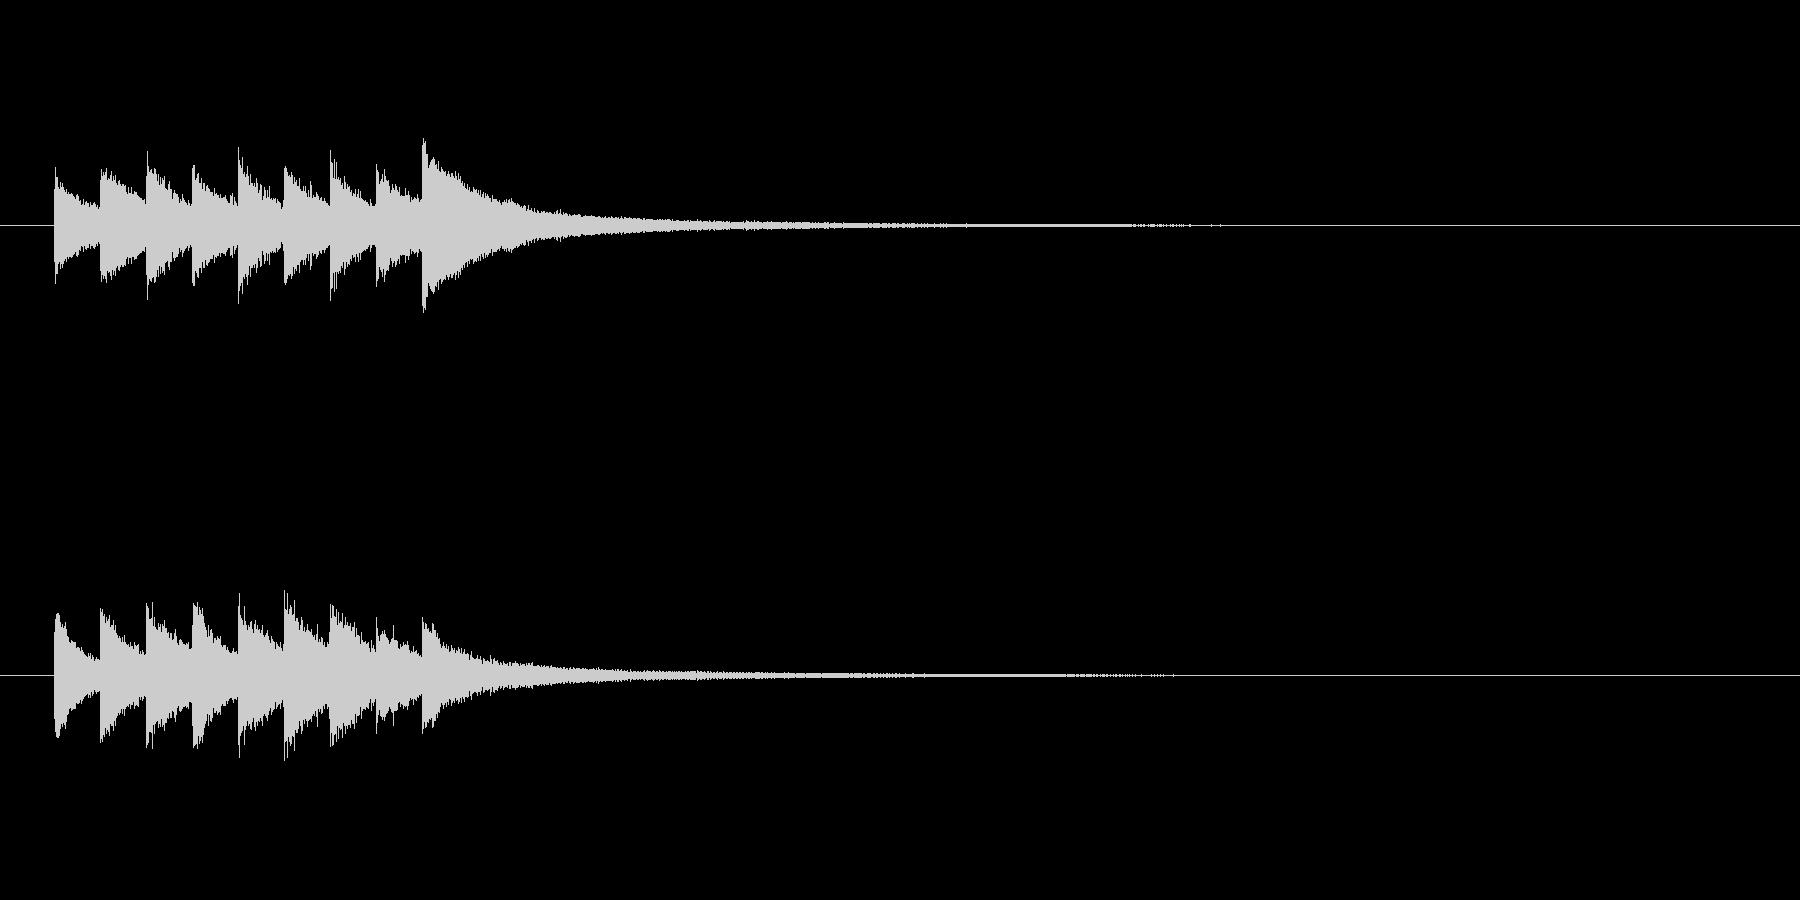 グロッケンシュピールの短いジングルの未再生の波形